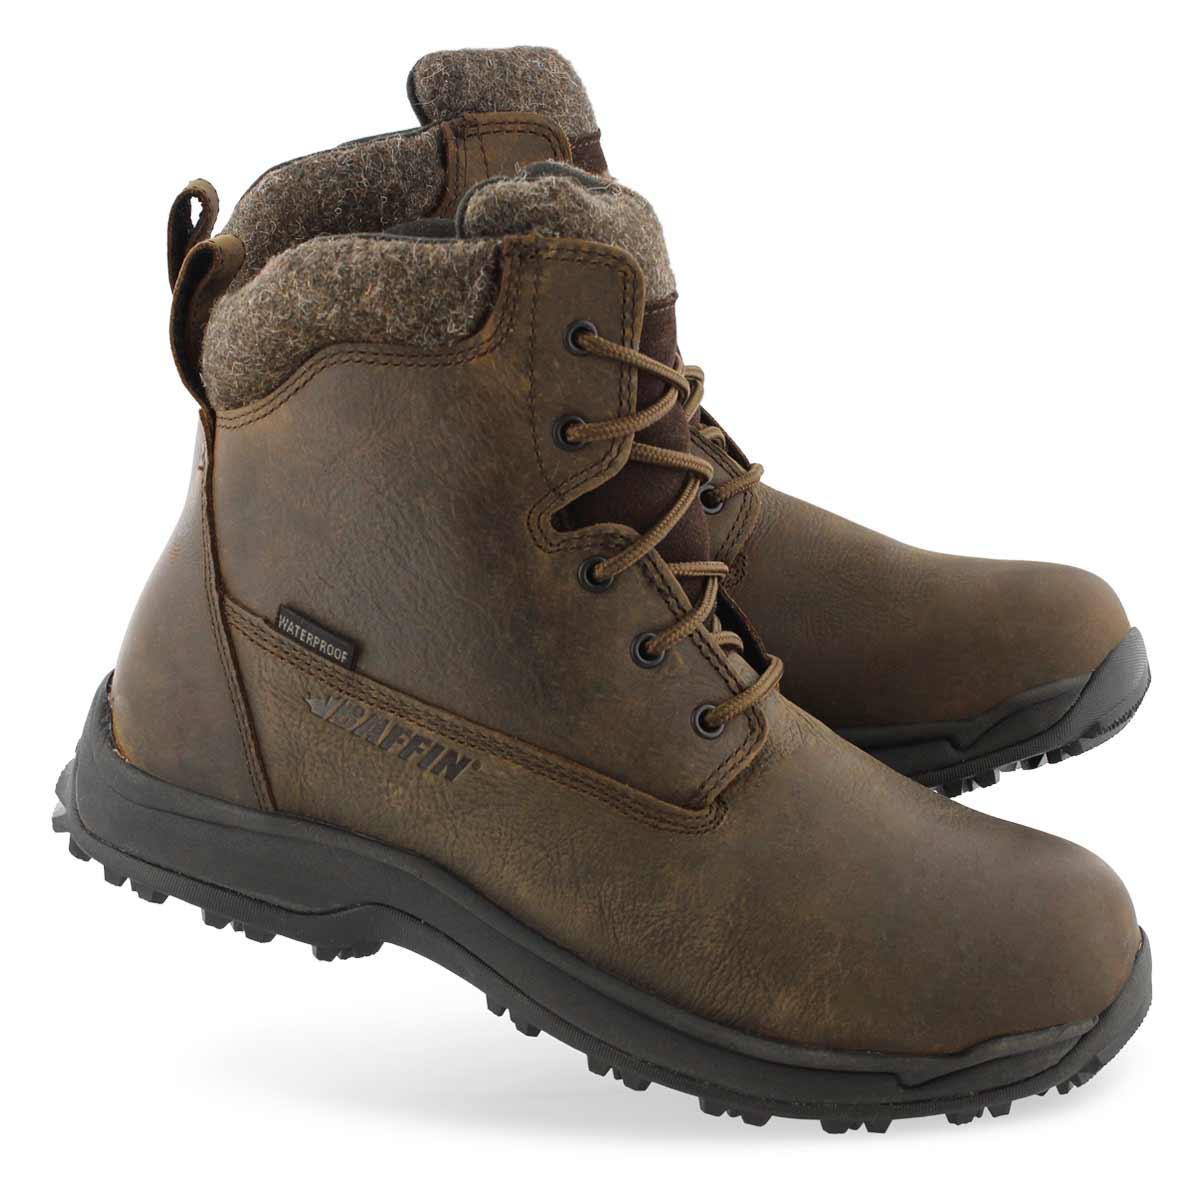 Men's TRURO brn waterproof lace up winter boots